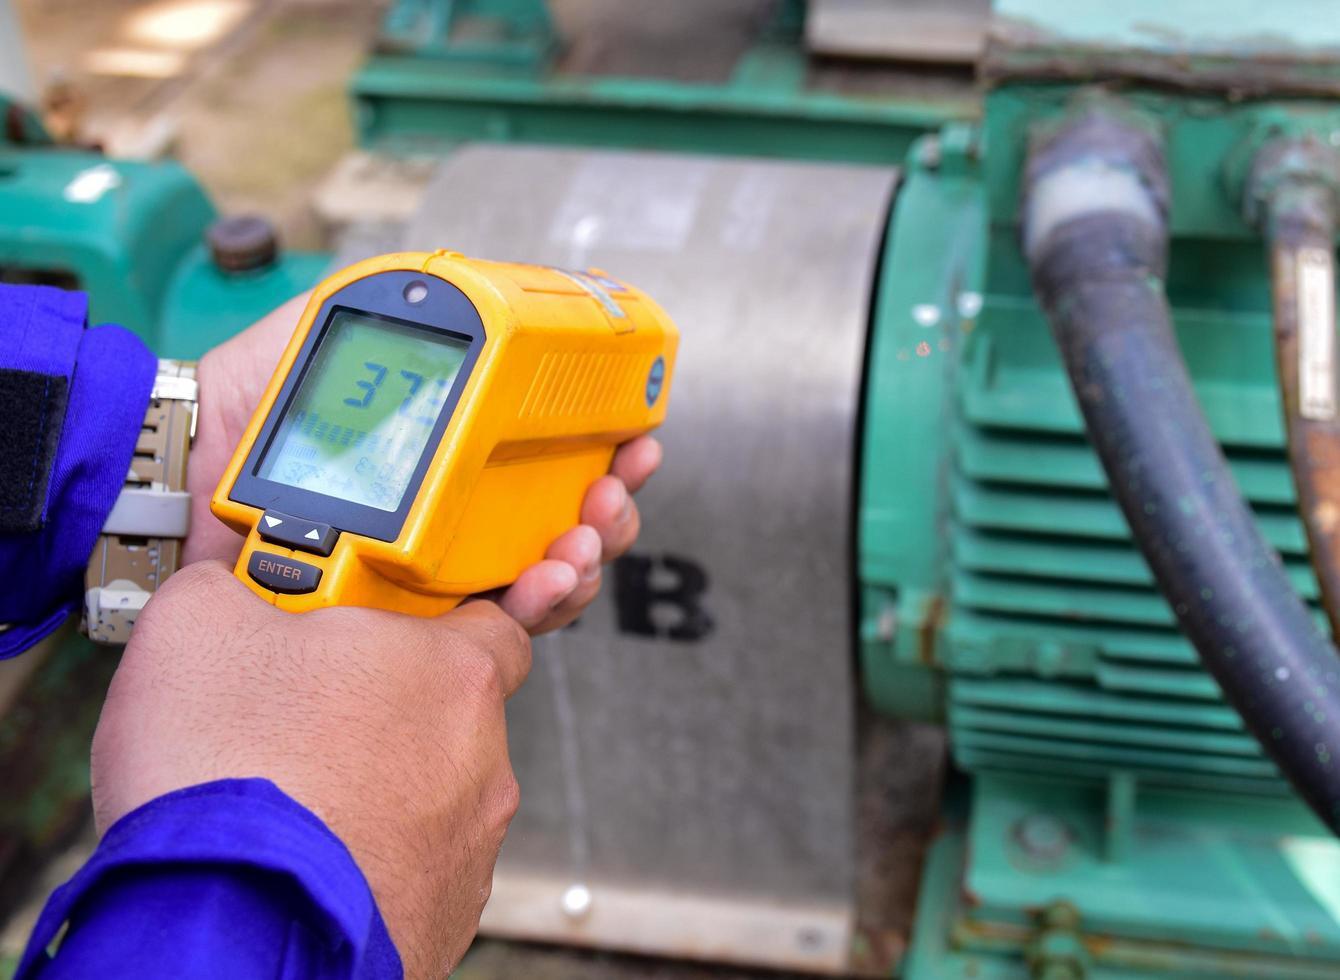 mesurer la température du moteur avec un thermomètre infrarouge photo